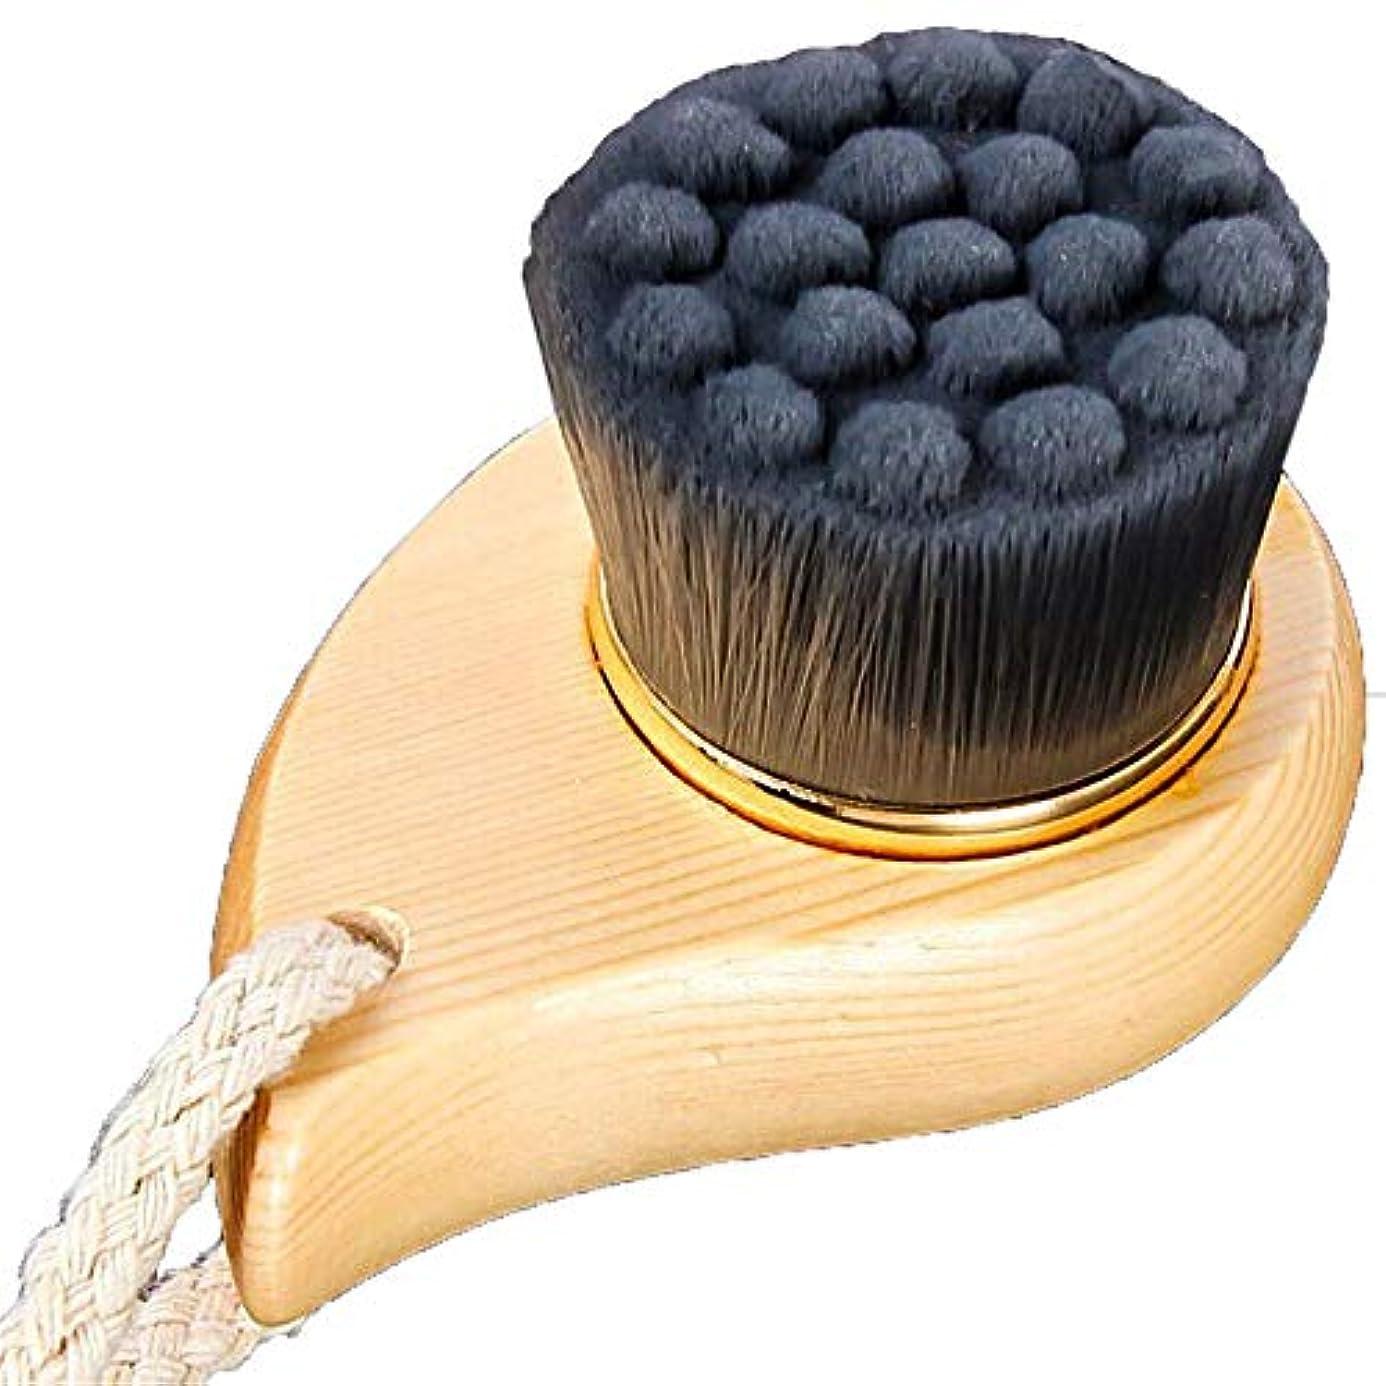 スラム異なるアイスクリーム洗顔ブラシ 深い毛穴のための柔らかい剛毛の表面クリーニングの美のブラシの清潔になることの美顔術のブラシ ディープクレンジングスキンケア用